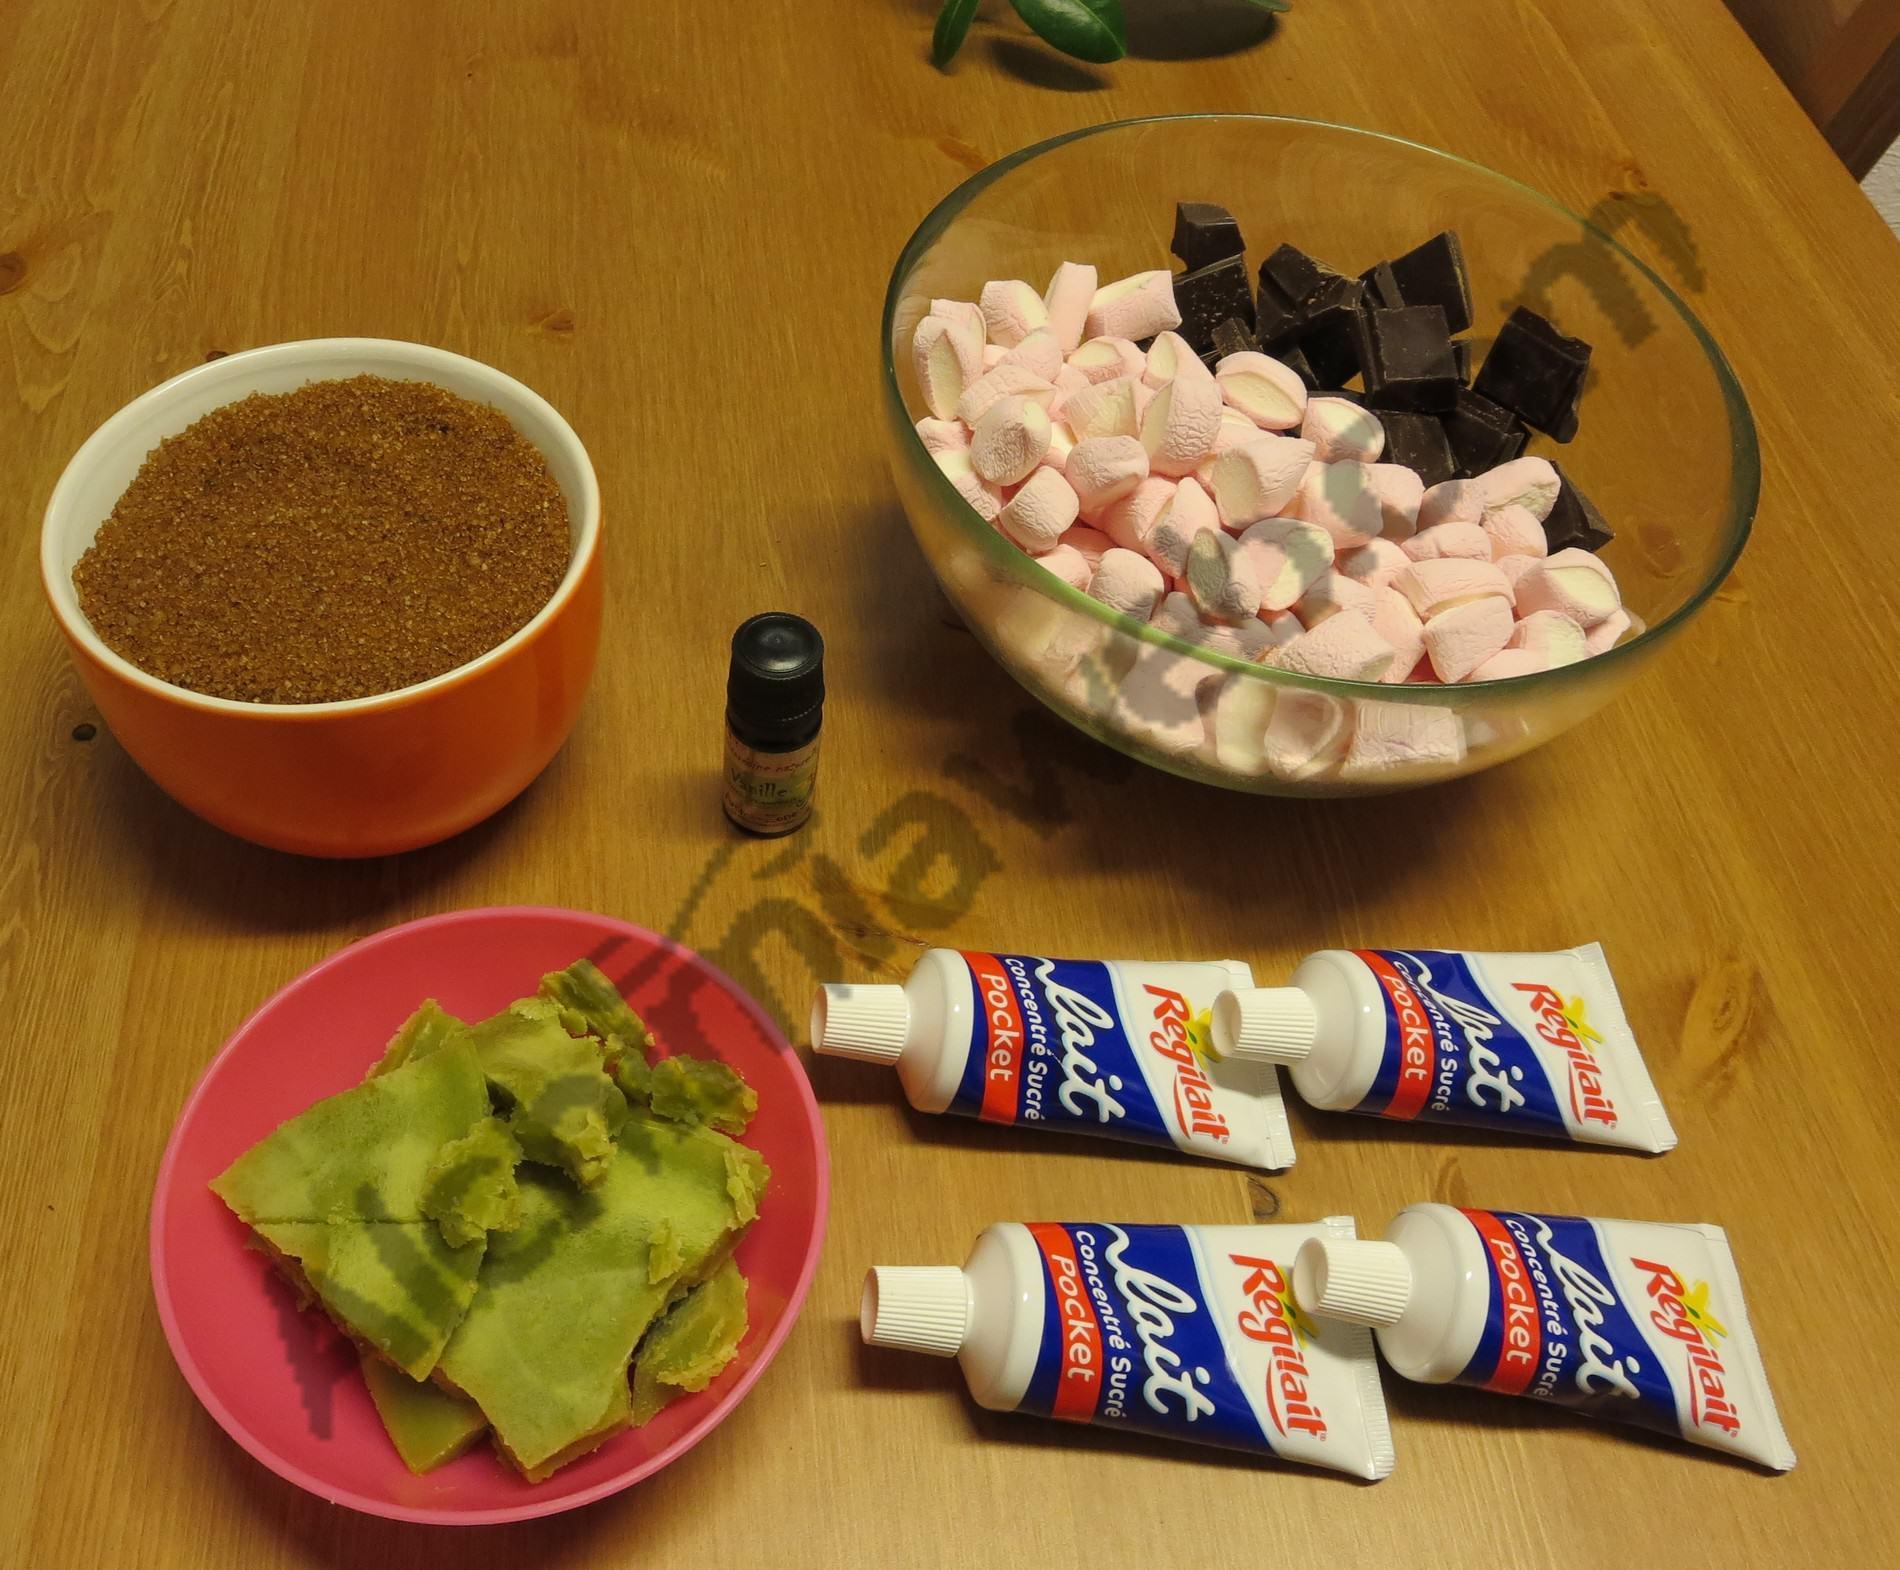 Ingrédients pour faire des caramels au cannabis